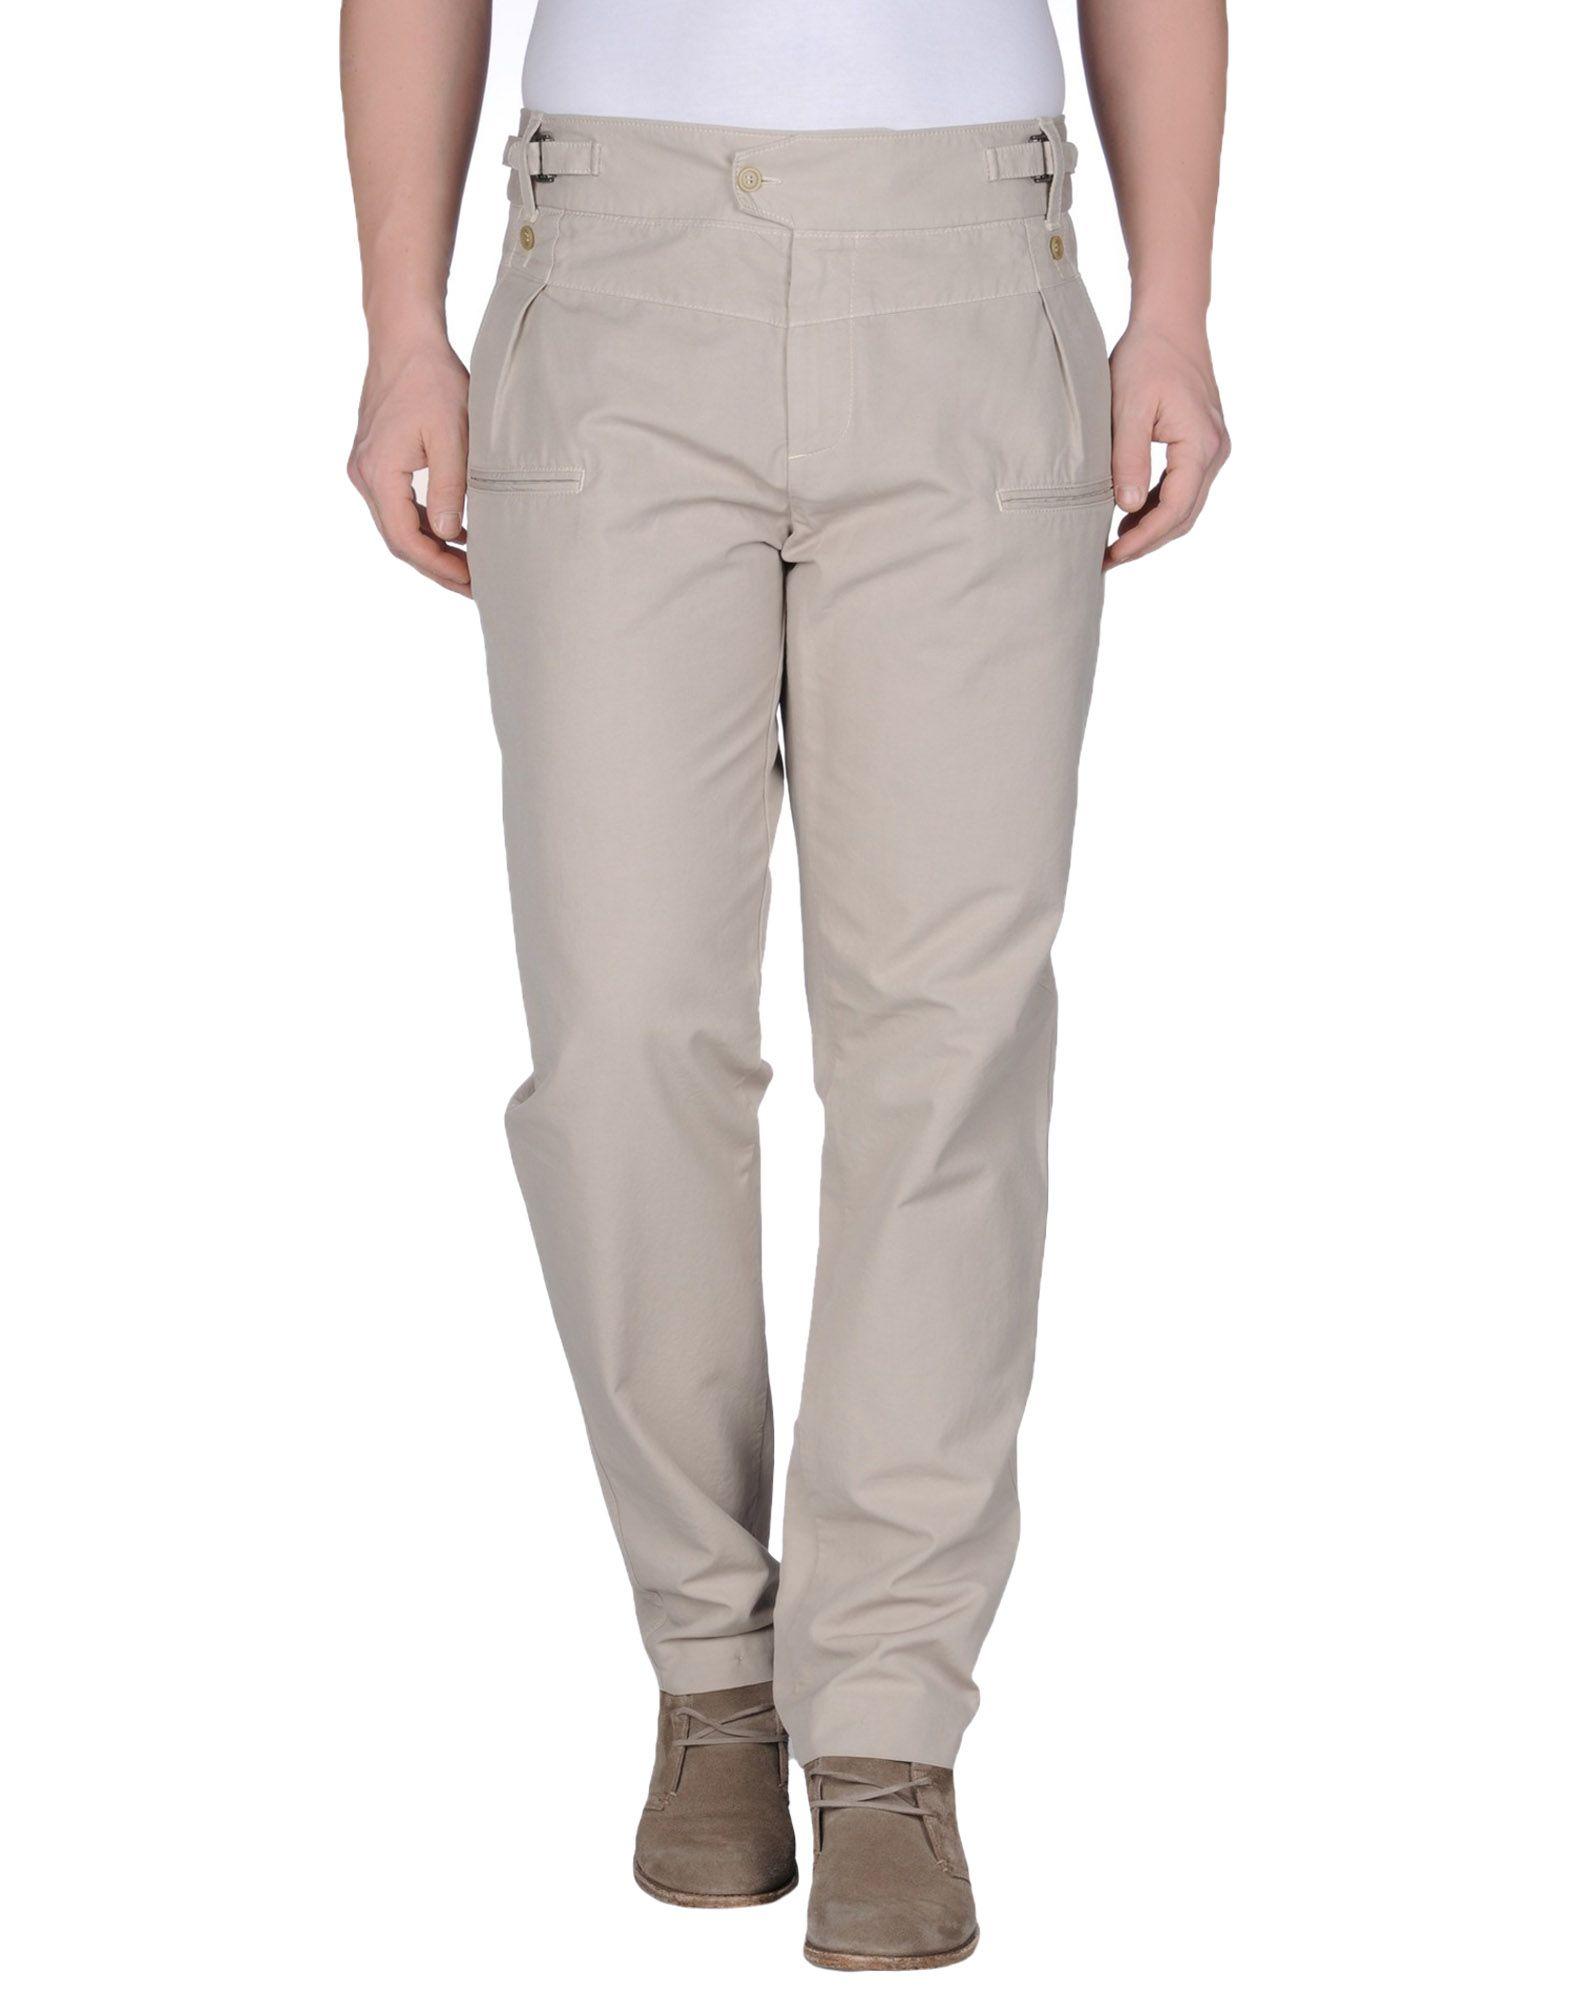 Повседневные брюки D&g  G/36630775EO цена 2016